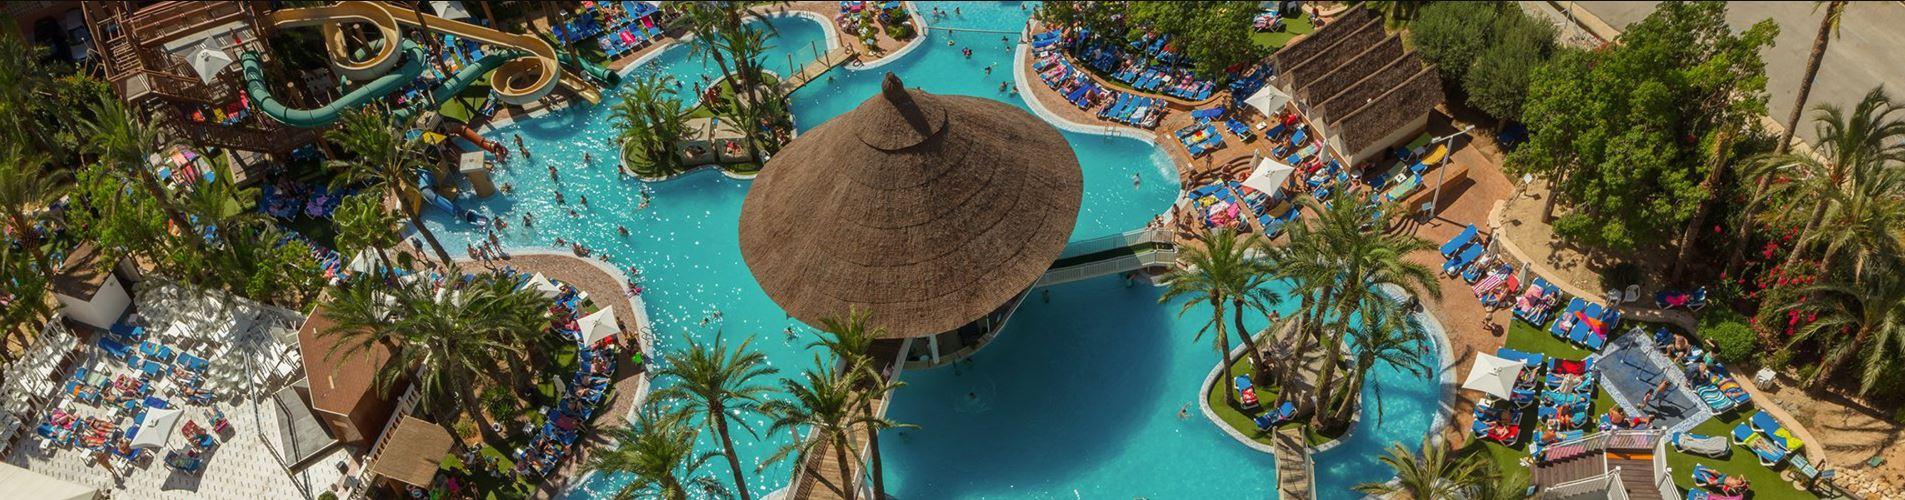 Magic Hotels Costa Blanca Areas Piscinas Todo Incluido